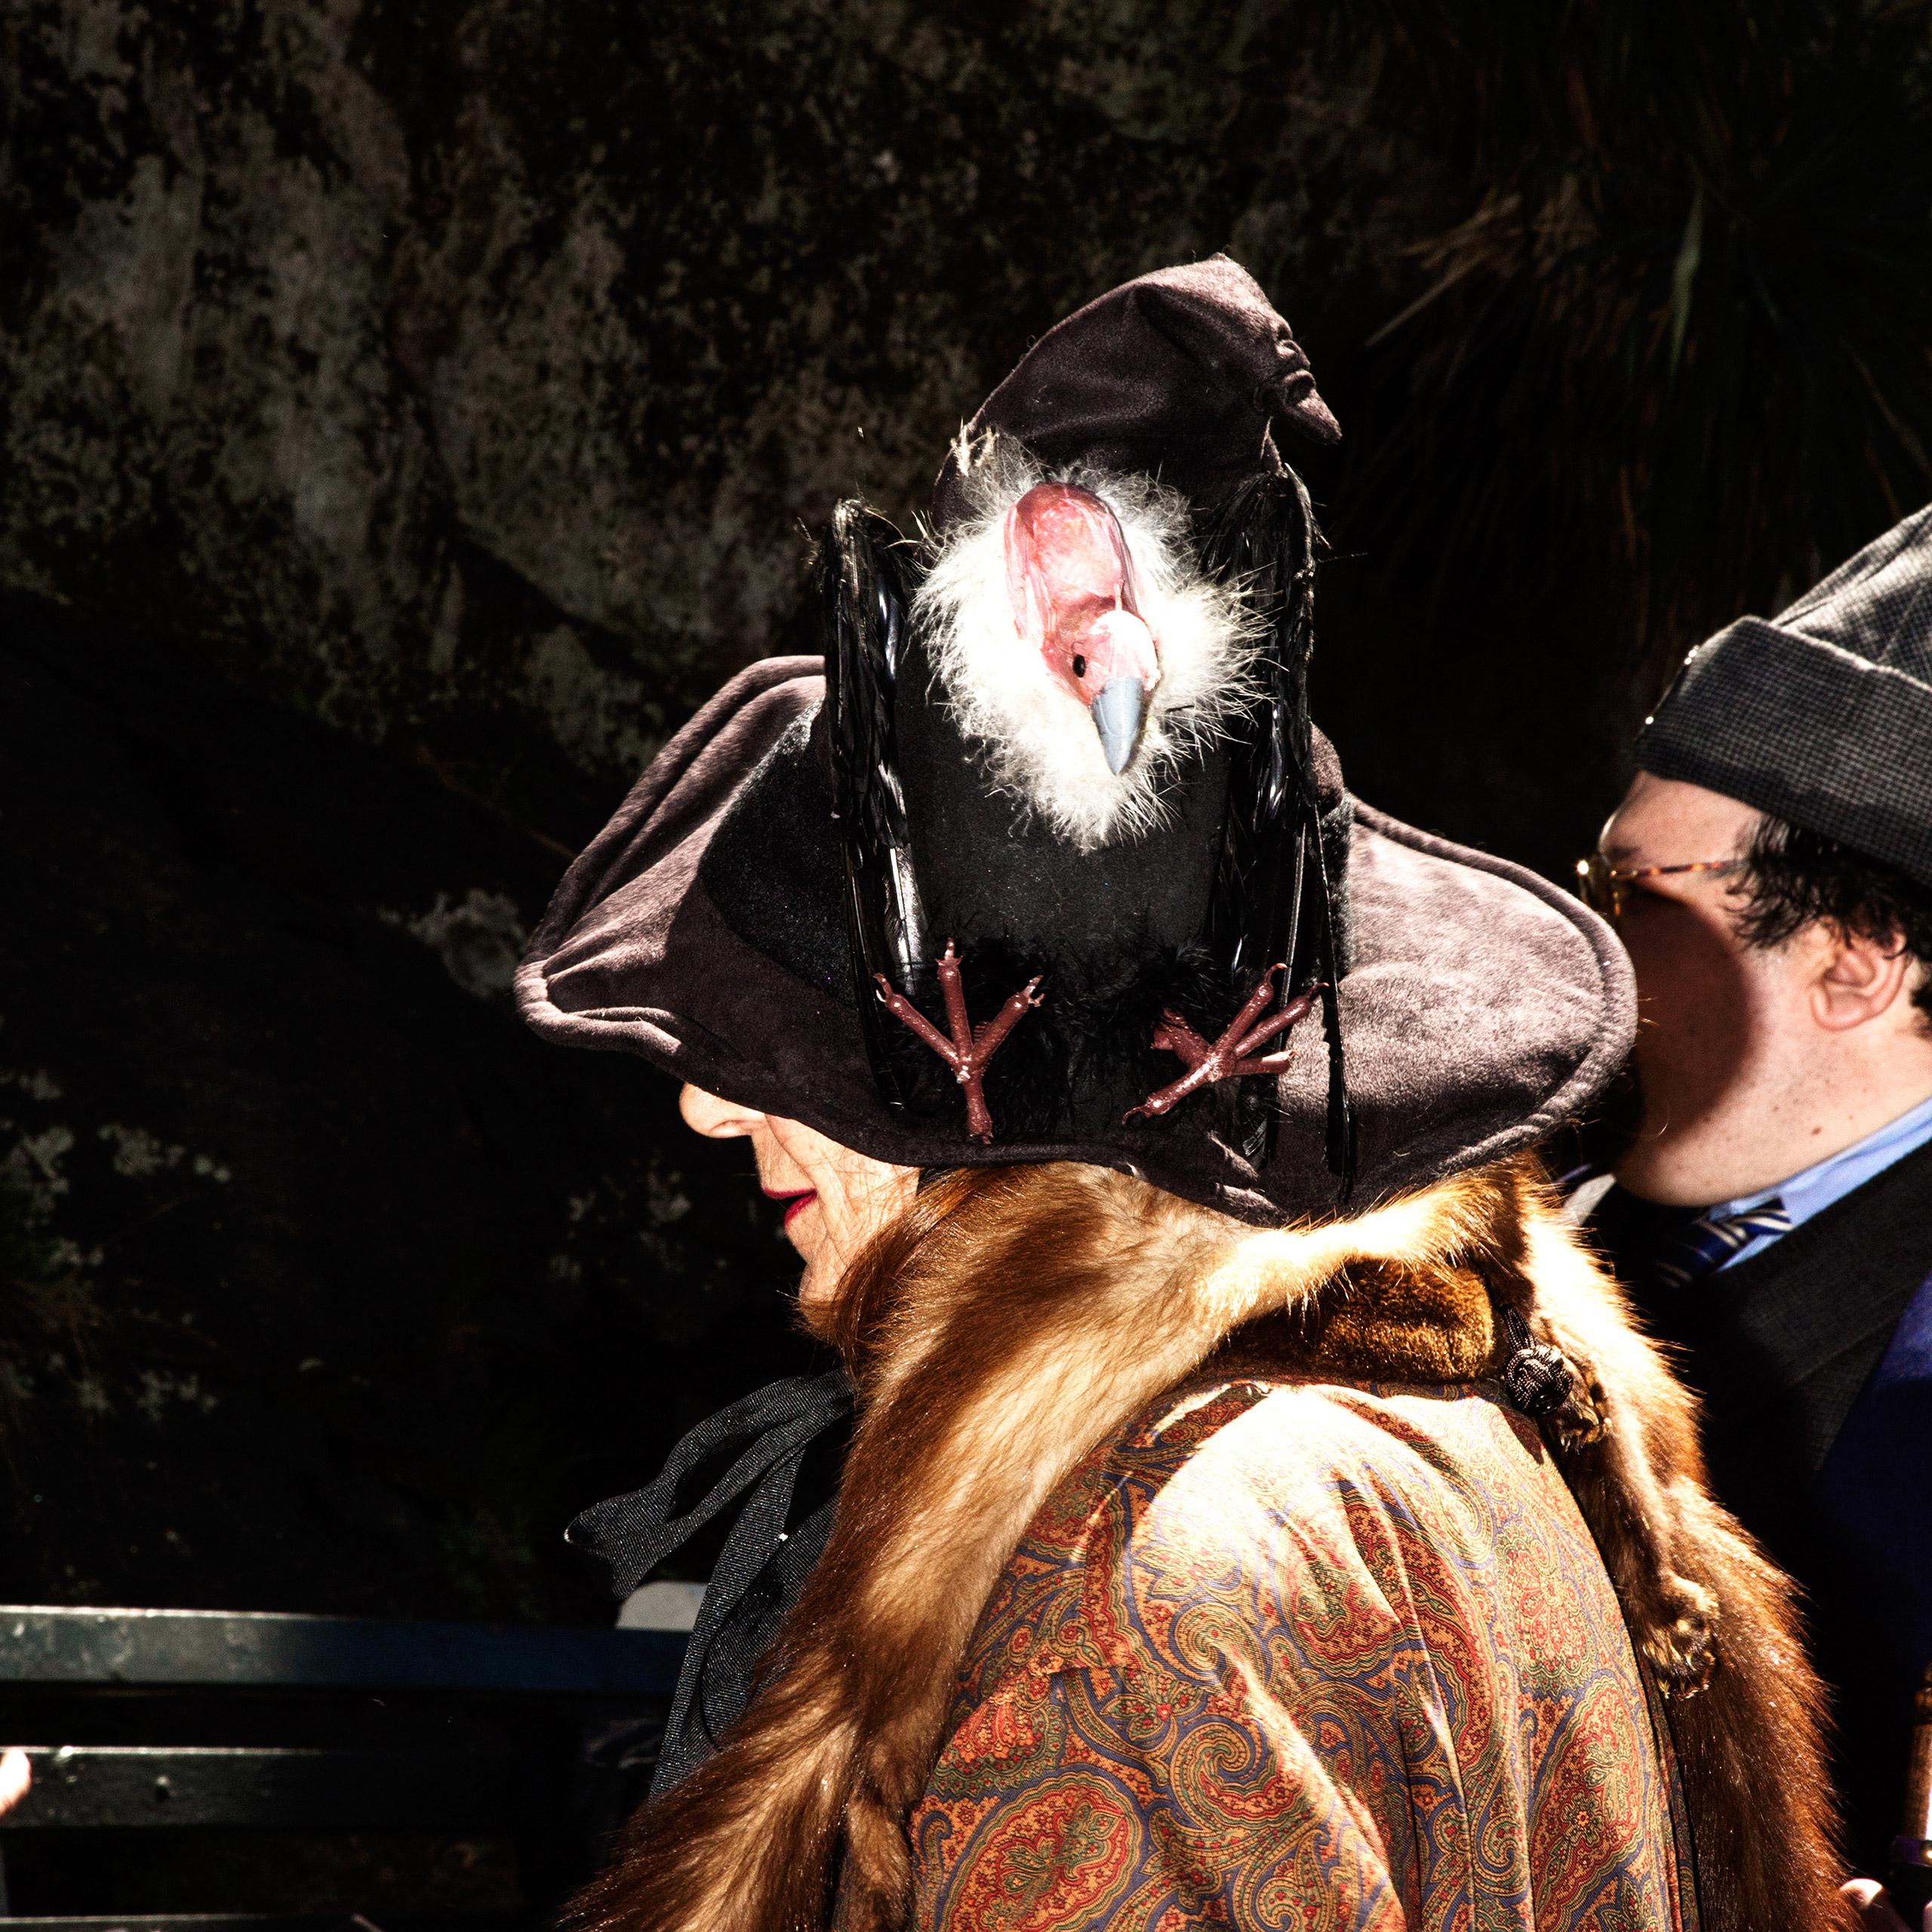 Deanna the Elder, a member.